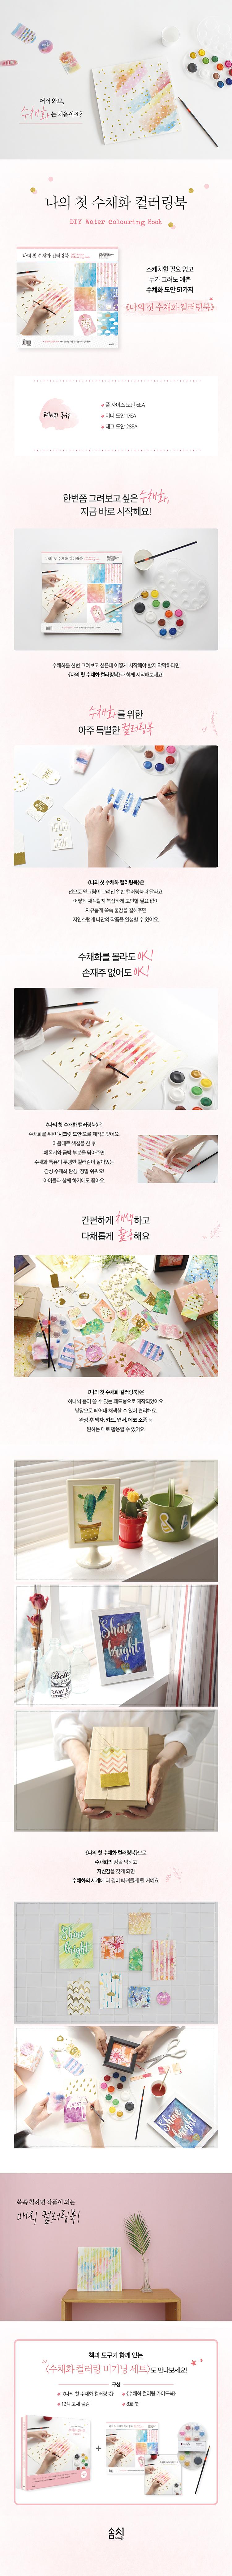 나의 첫 수채화 컬러링북 - 솜씨컴퍼니, 13,440원, DIY그리기, 명화/풍경 그리기